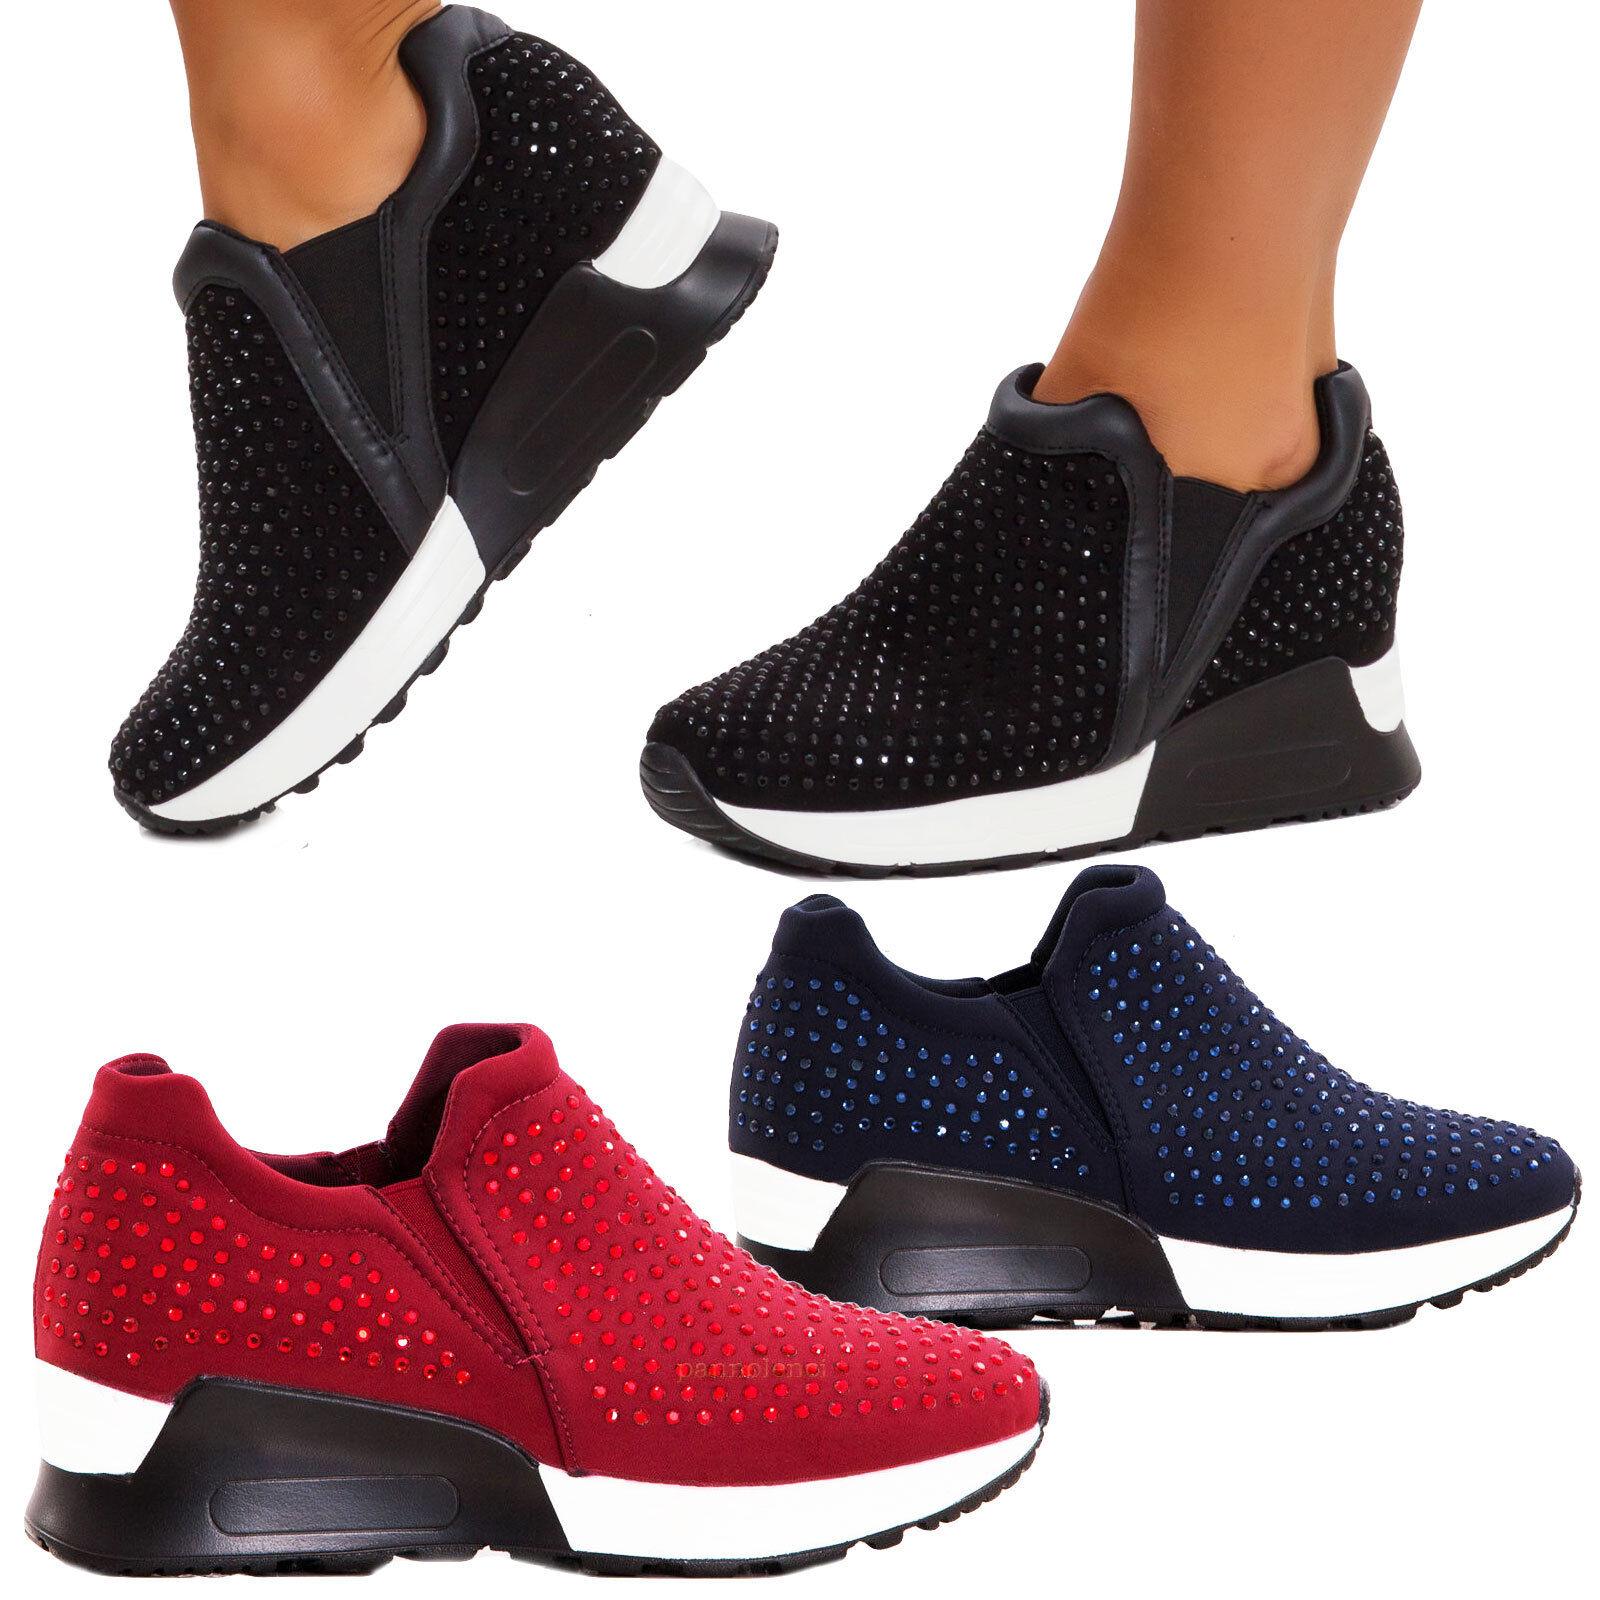 women Zapatillas de Deporte Ponerse Pedrería Nuevos Ixx6042-1